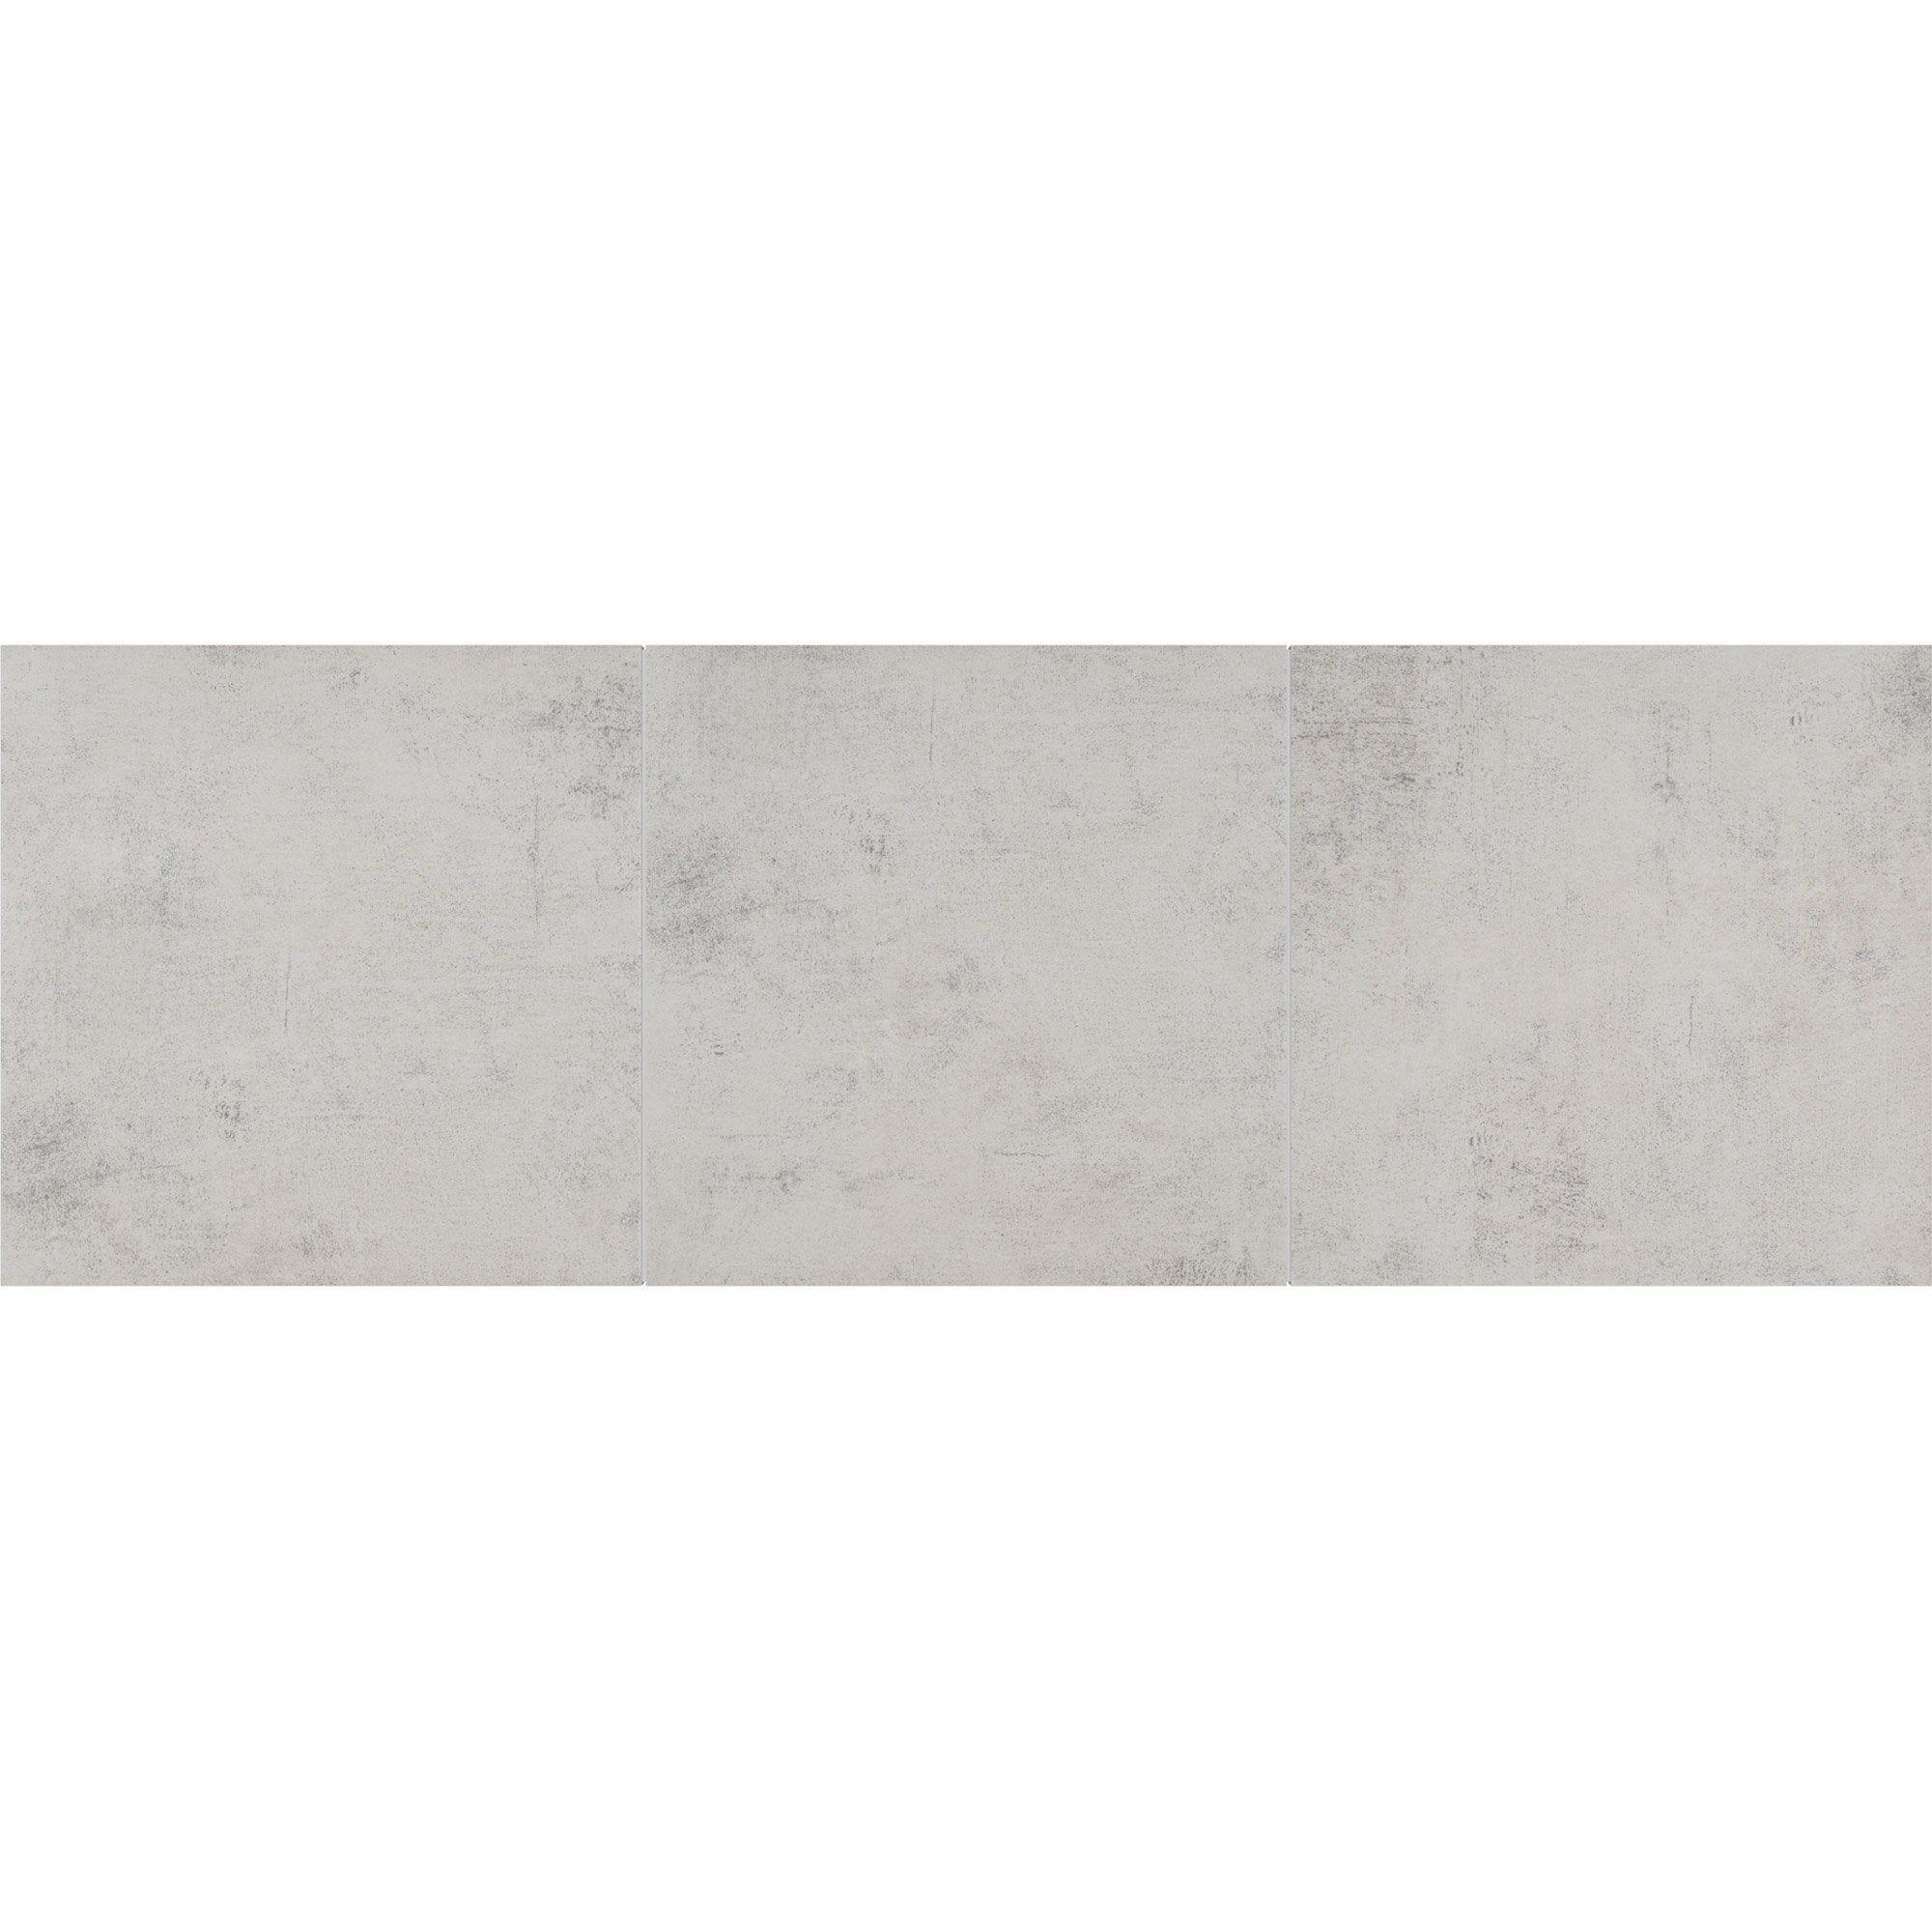 Carrelage Sol Et Mur Forte Effet Beton Gris Clair Alma L 45 X L 45